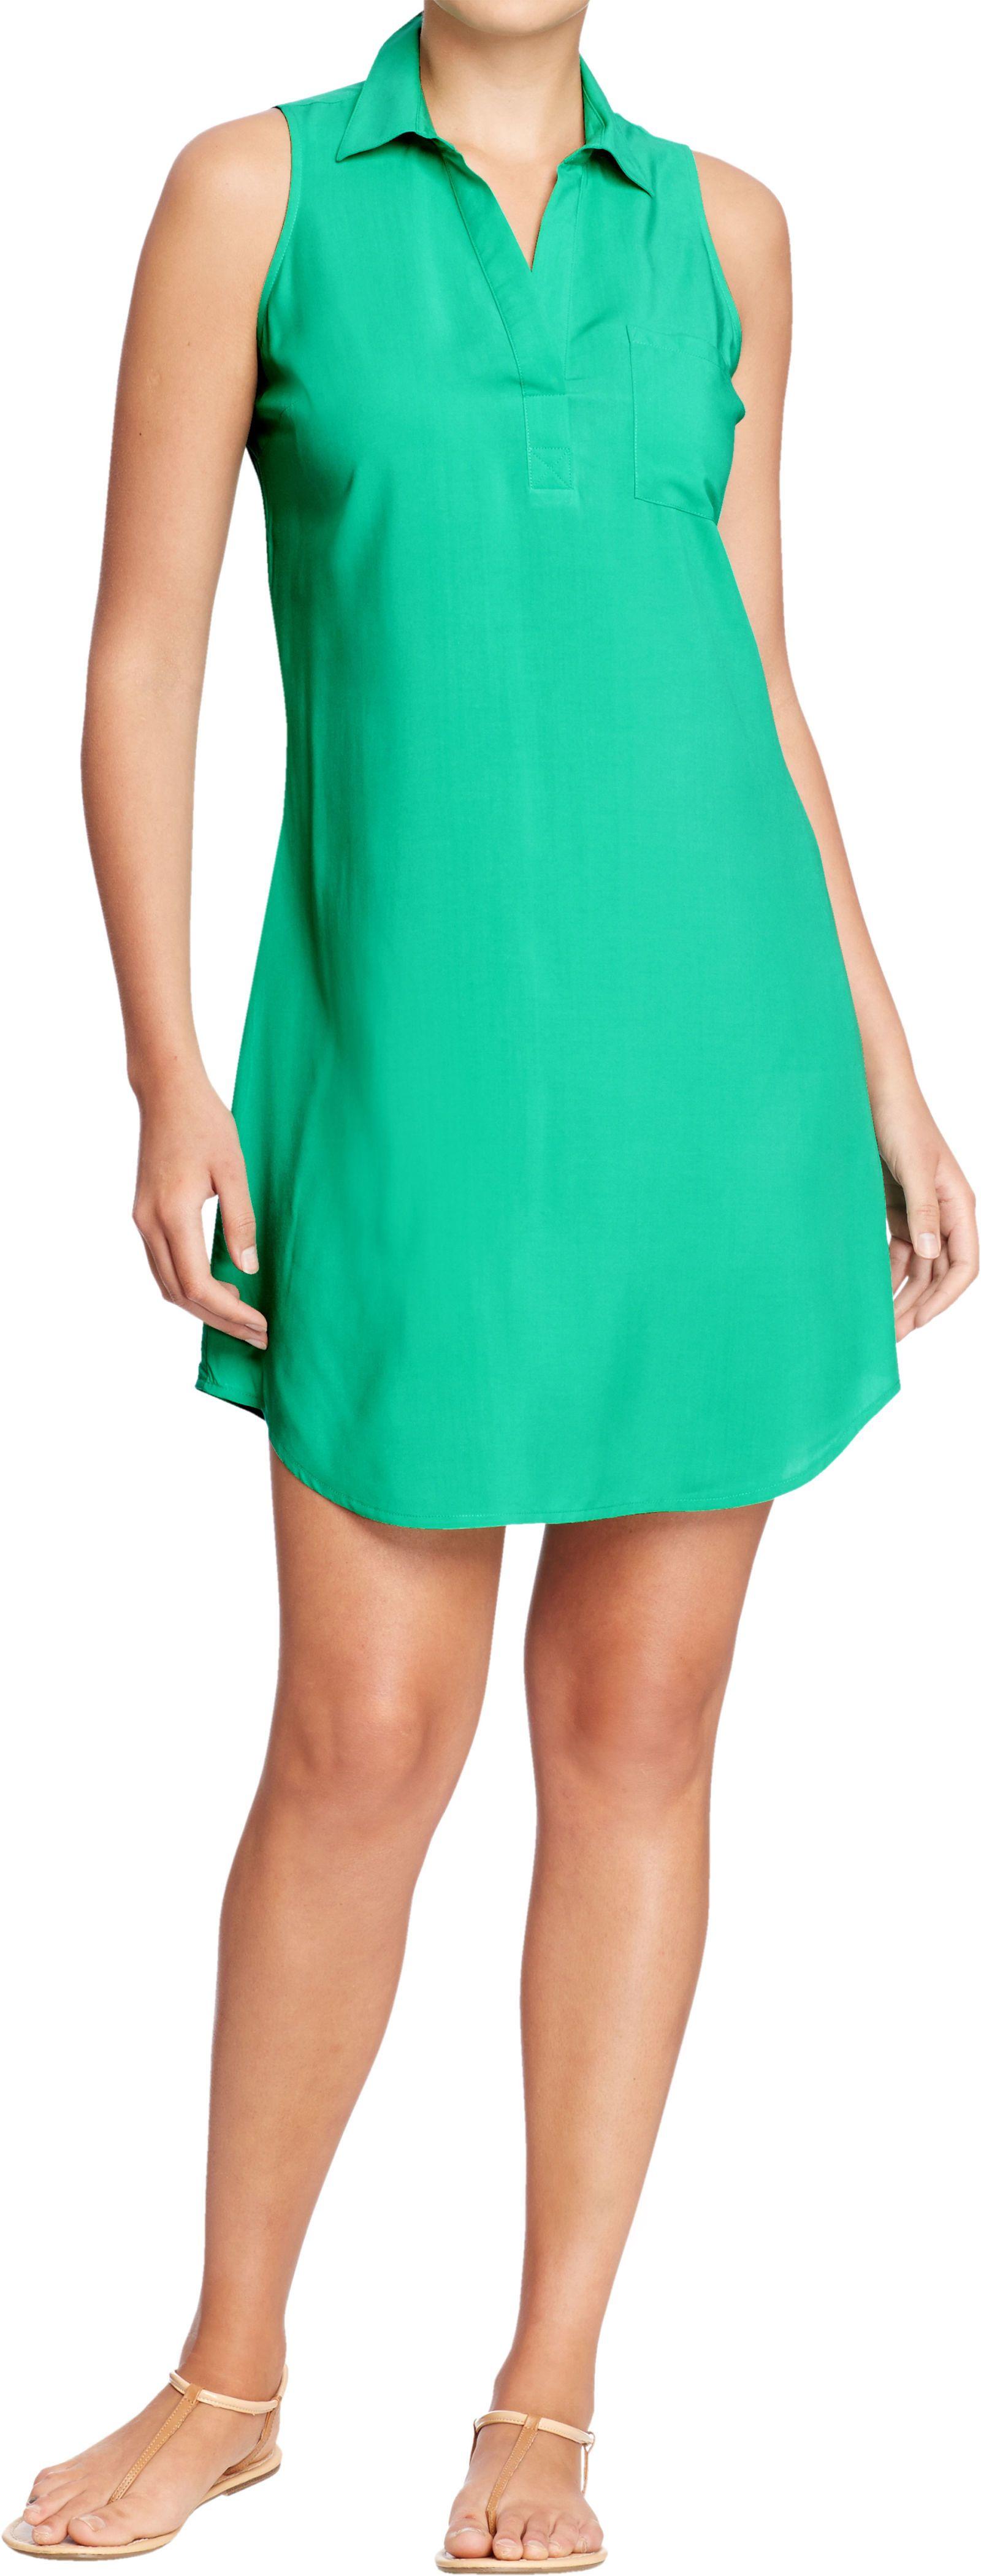 Shift Dresses - Summer Shift Dresses for Women